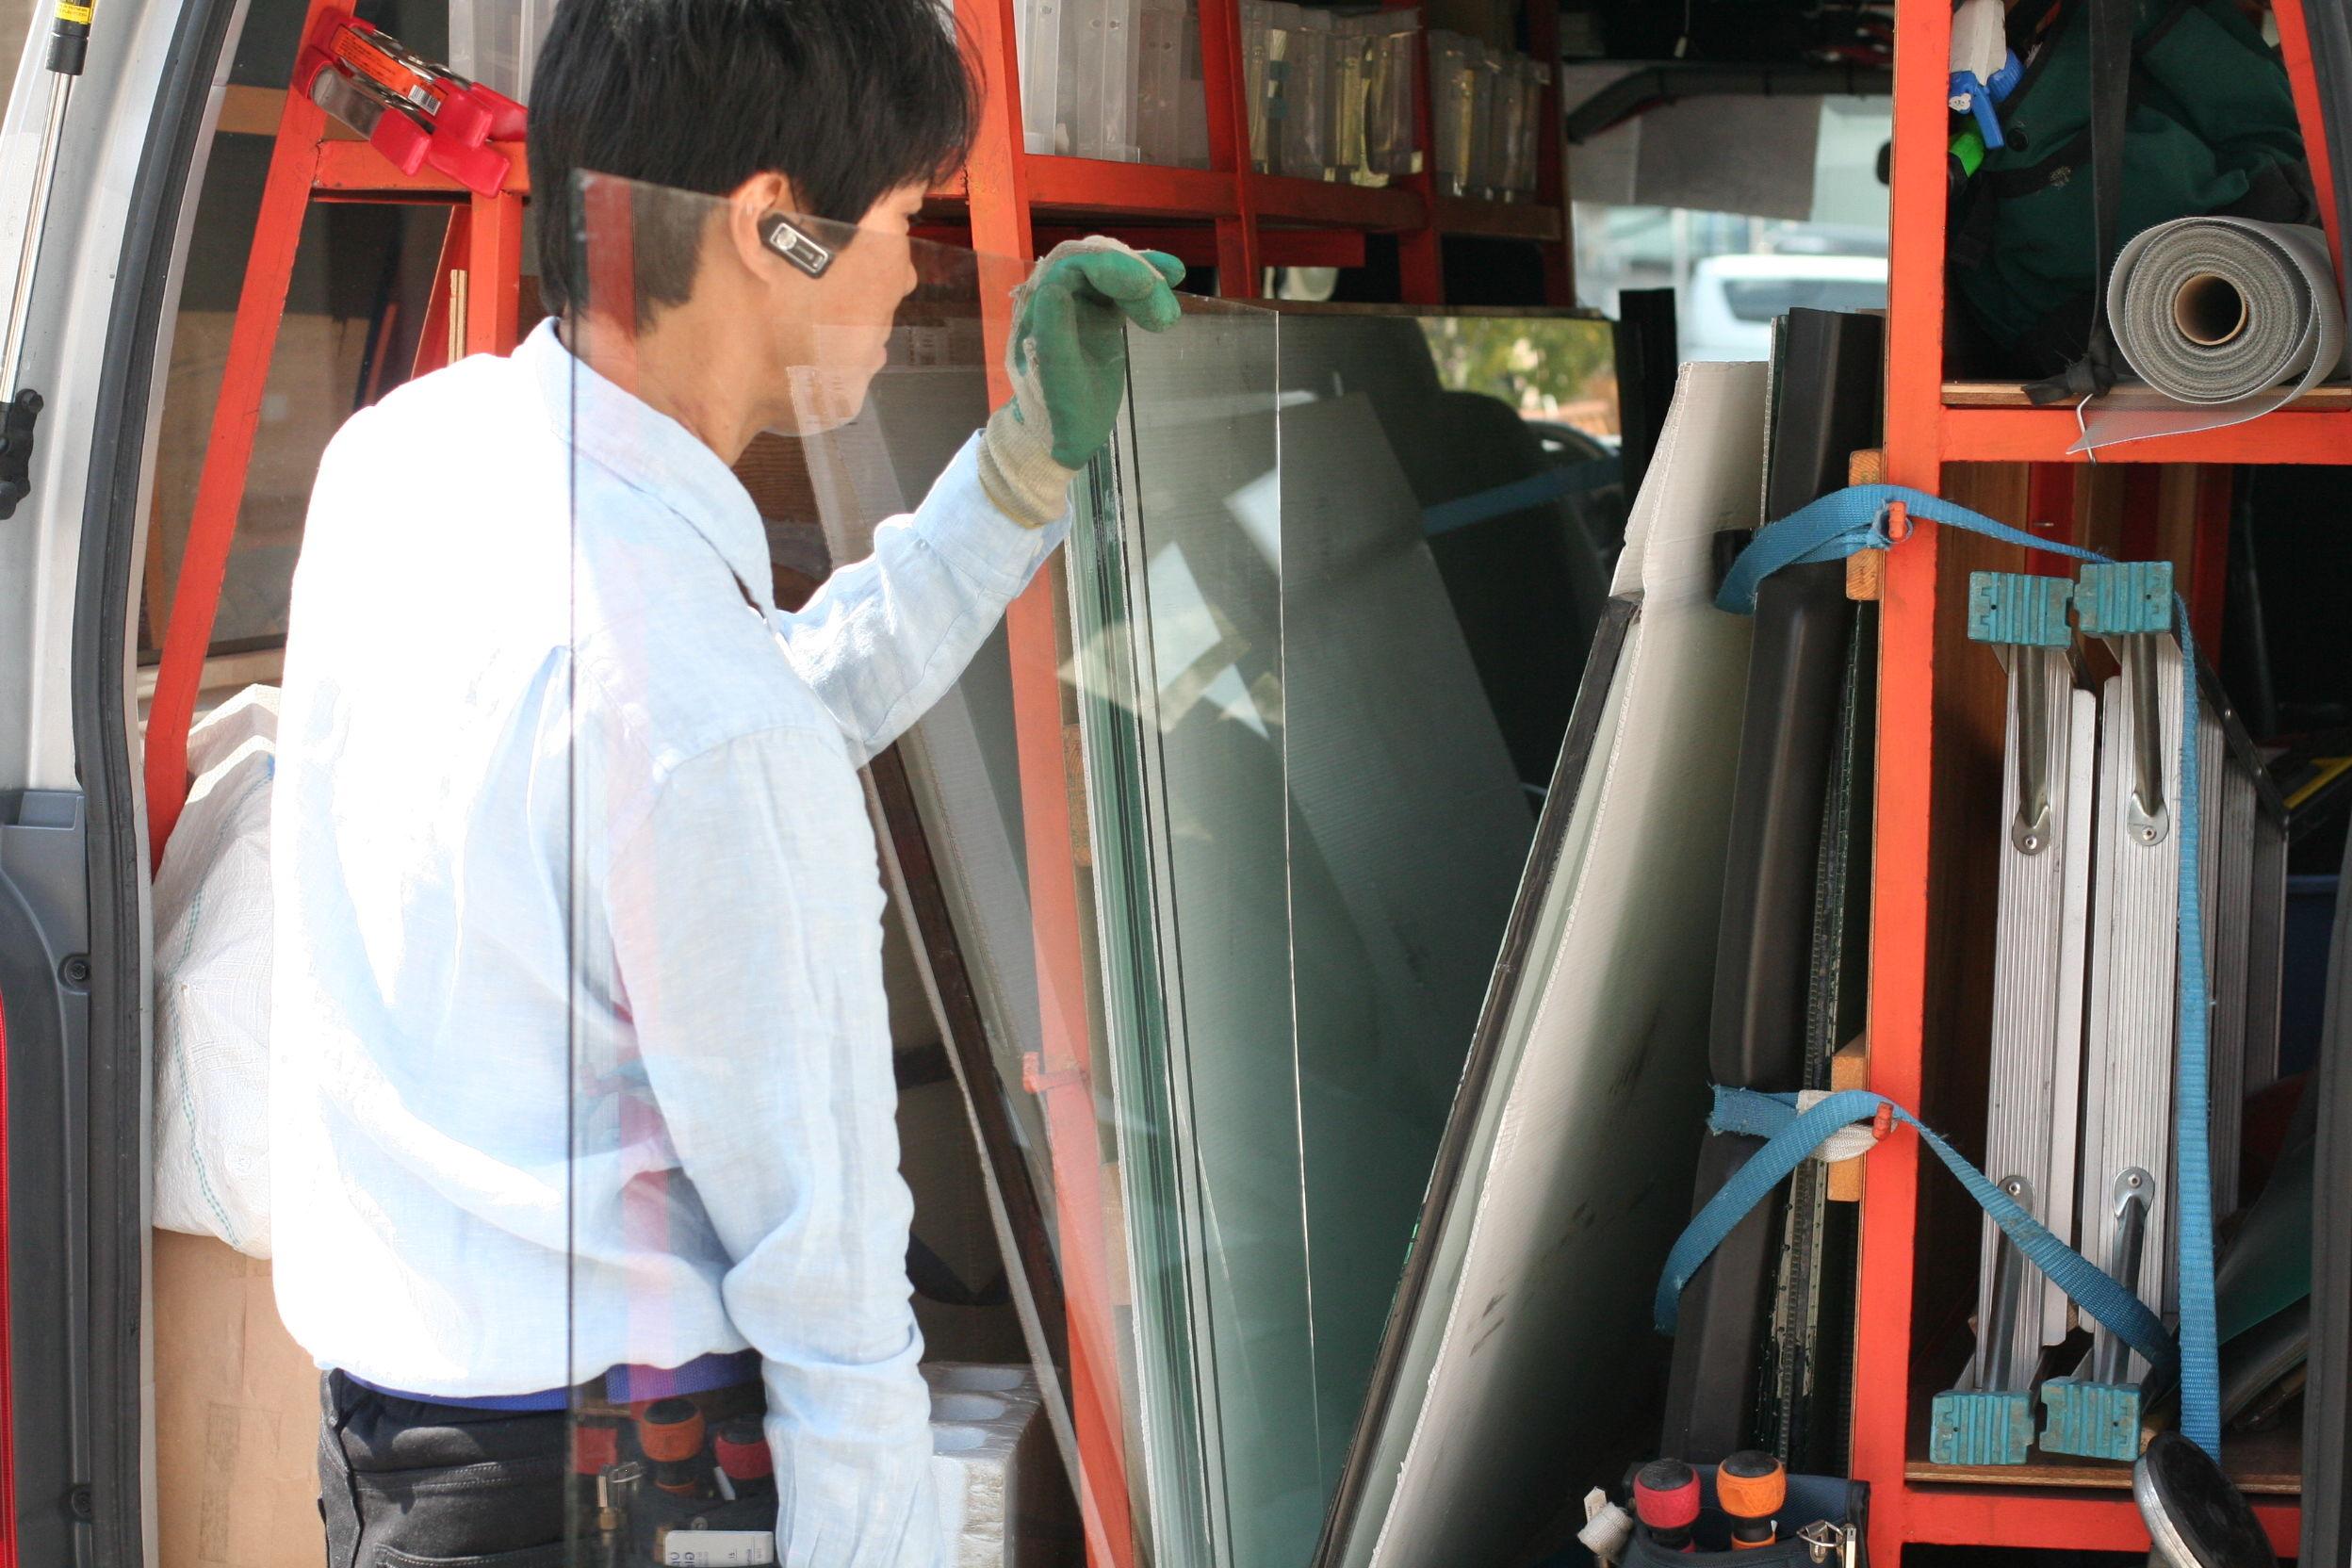 ガラスのトラブル救Q隊.24【札幌市東区 出張エリア】の店内・外観画像2